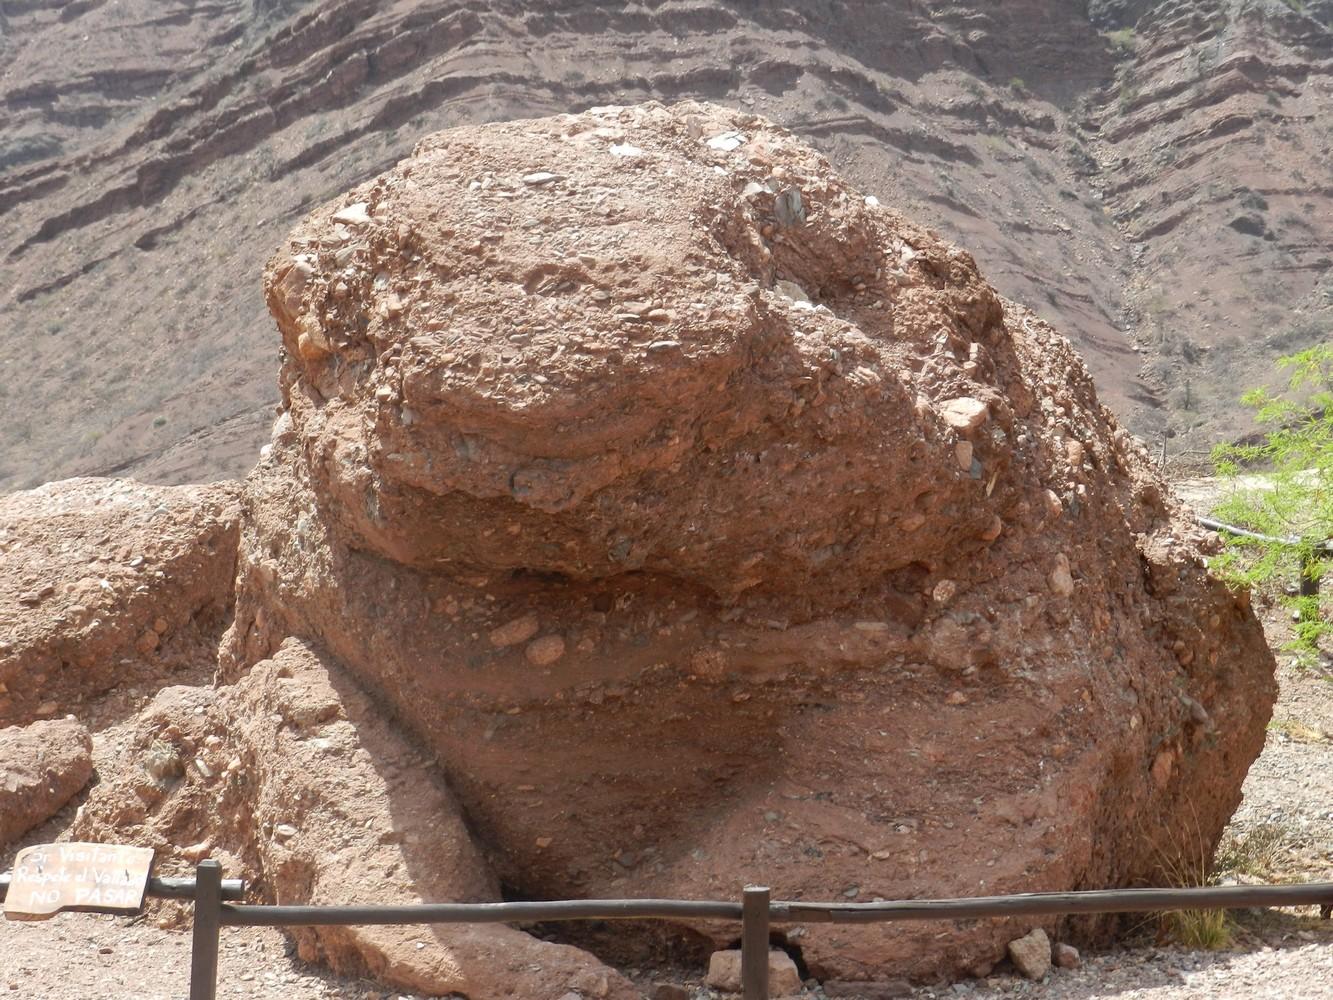 Quebrada de las Conchas - El Sapo